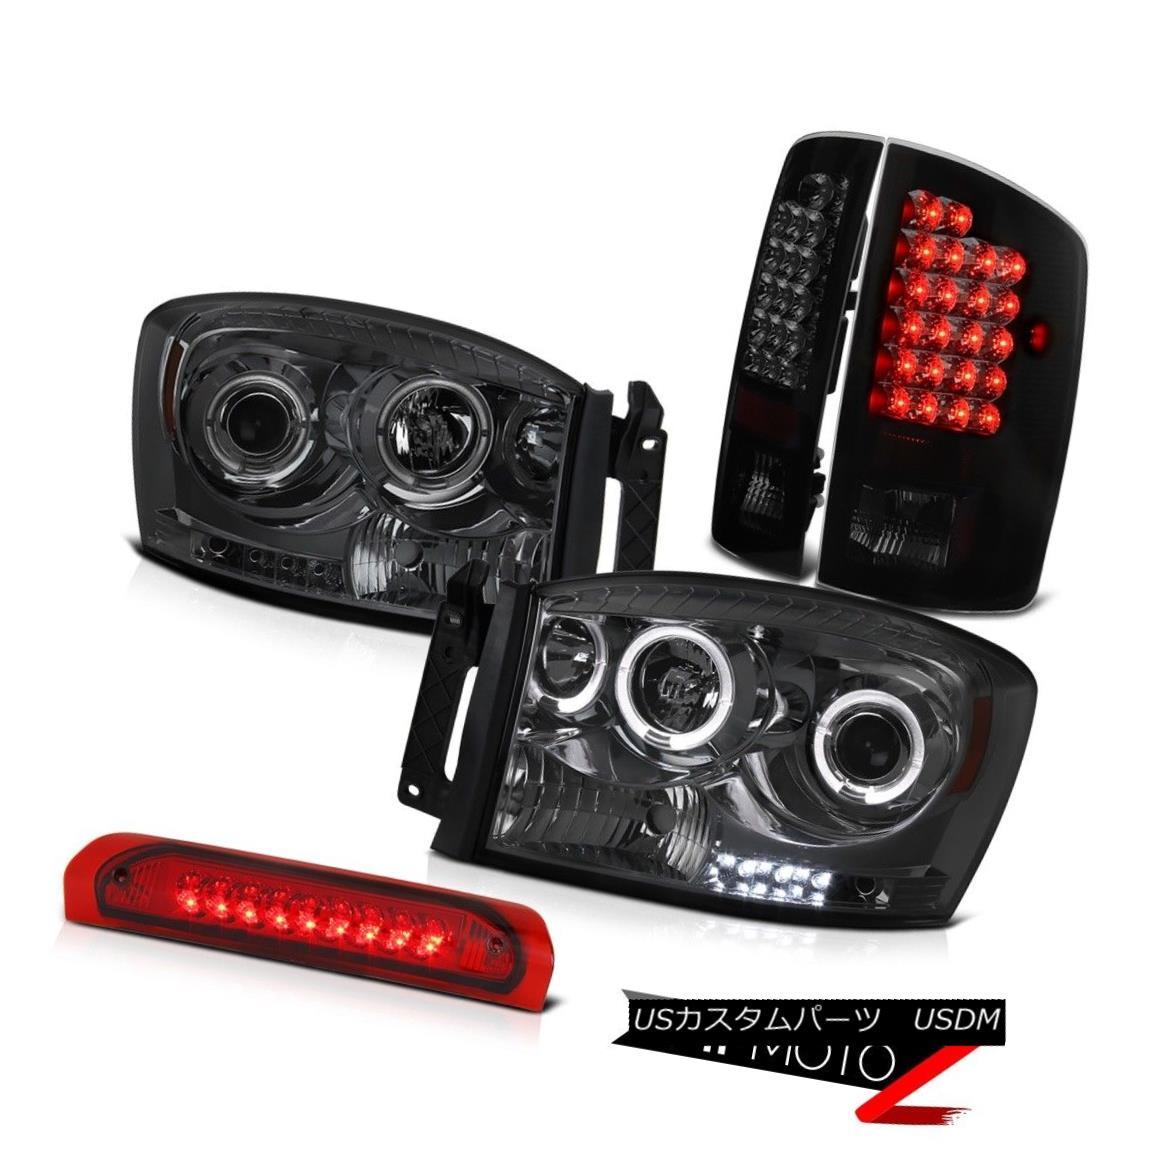 テールライト 2006 Dodge Ram Halo Headlight+SMOKED LED Tail Lamps+Third Brake Lights Mega Cab 2006 Dodge Ram Haloヘッドライト+ SMOK ED LEDテールランプ+第3ブレーキライトメガキャブ